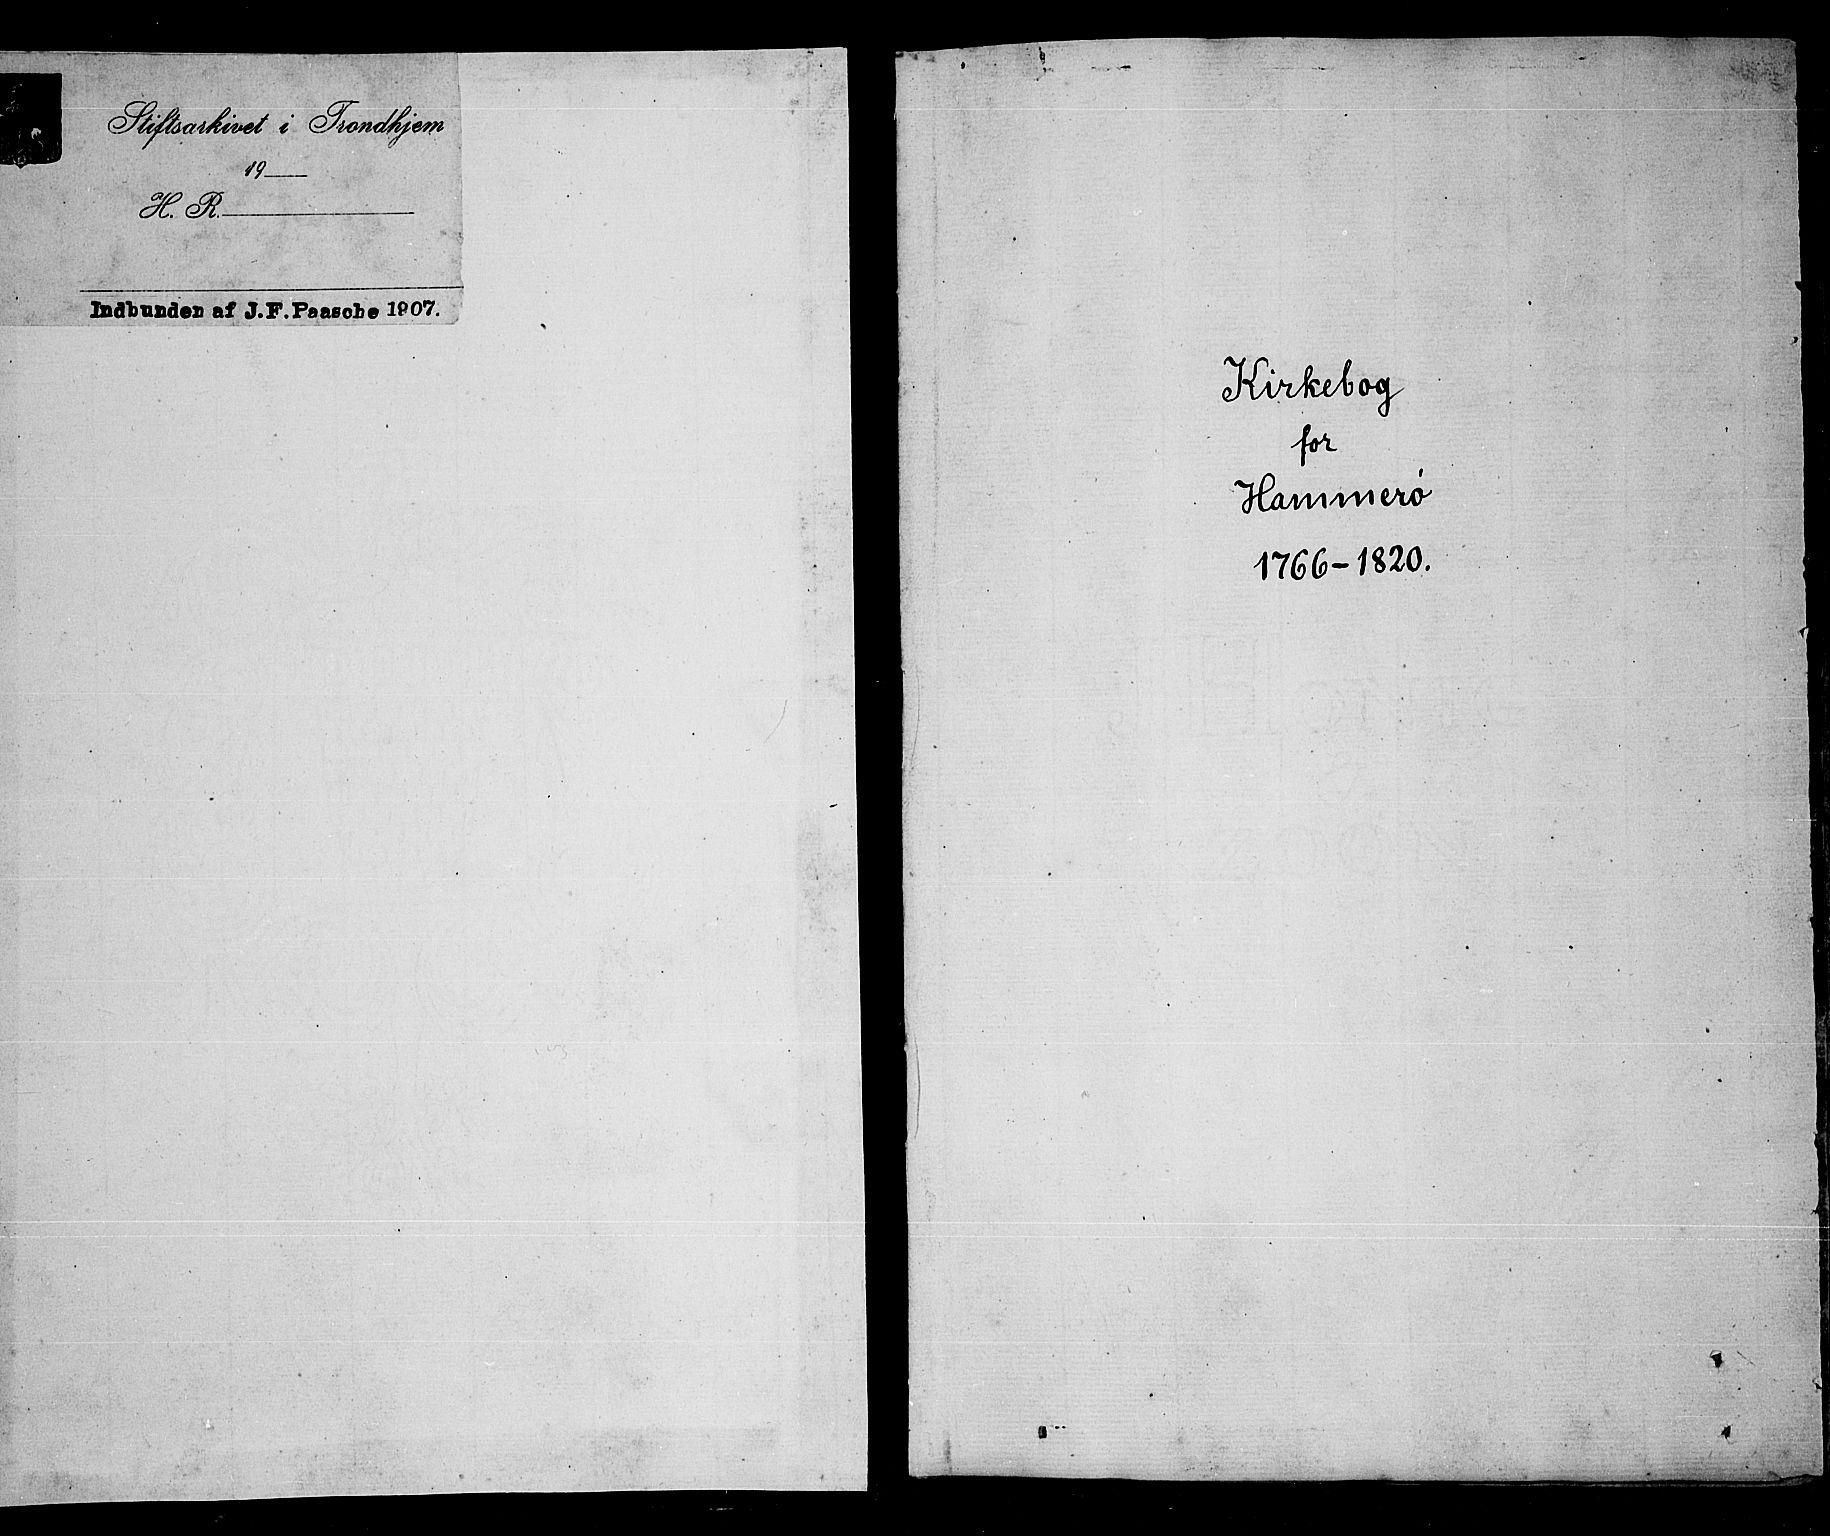 SAT, Ministerialprotokoller, klokkerbøker og fødselsregistre - Nordland, 859/L0841: Parish register (official) no. 859A01, 1766-1821